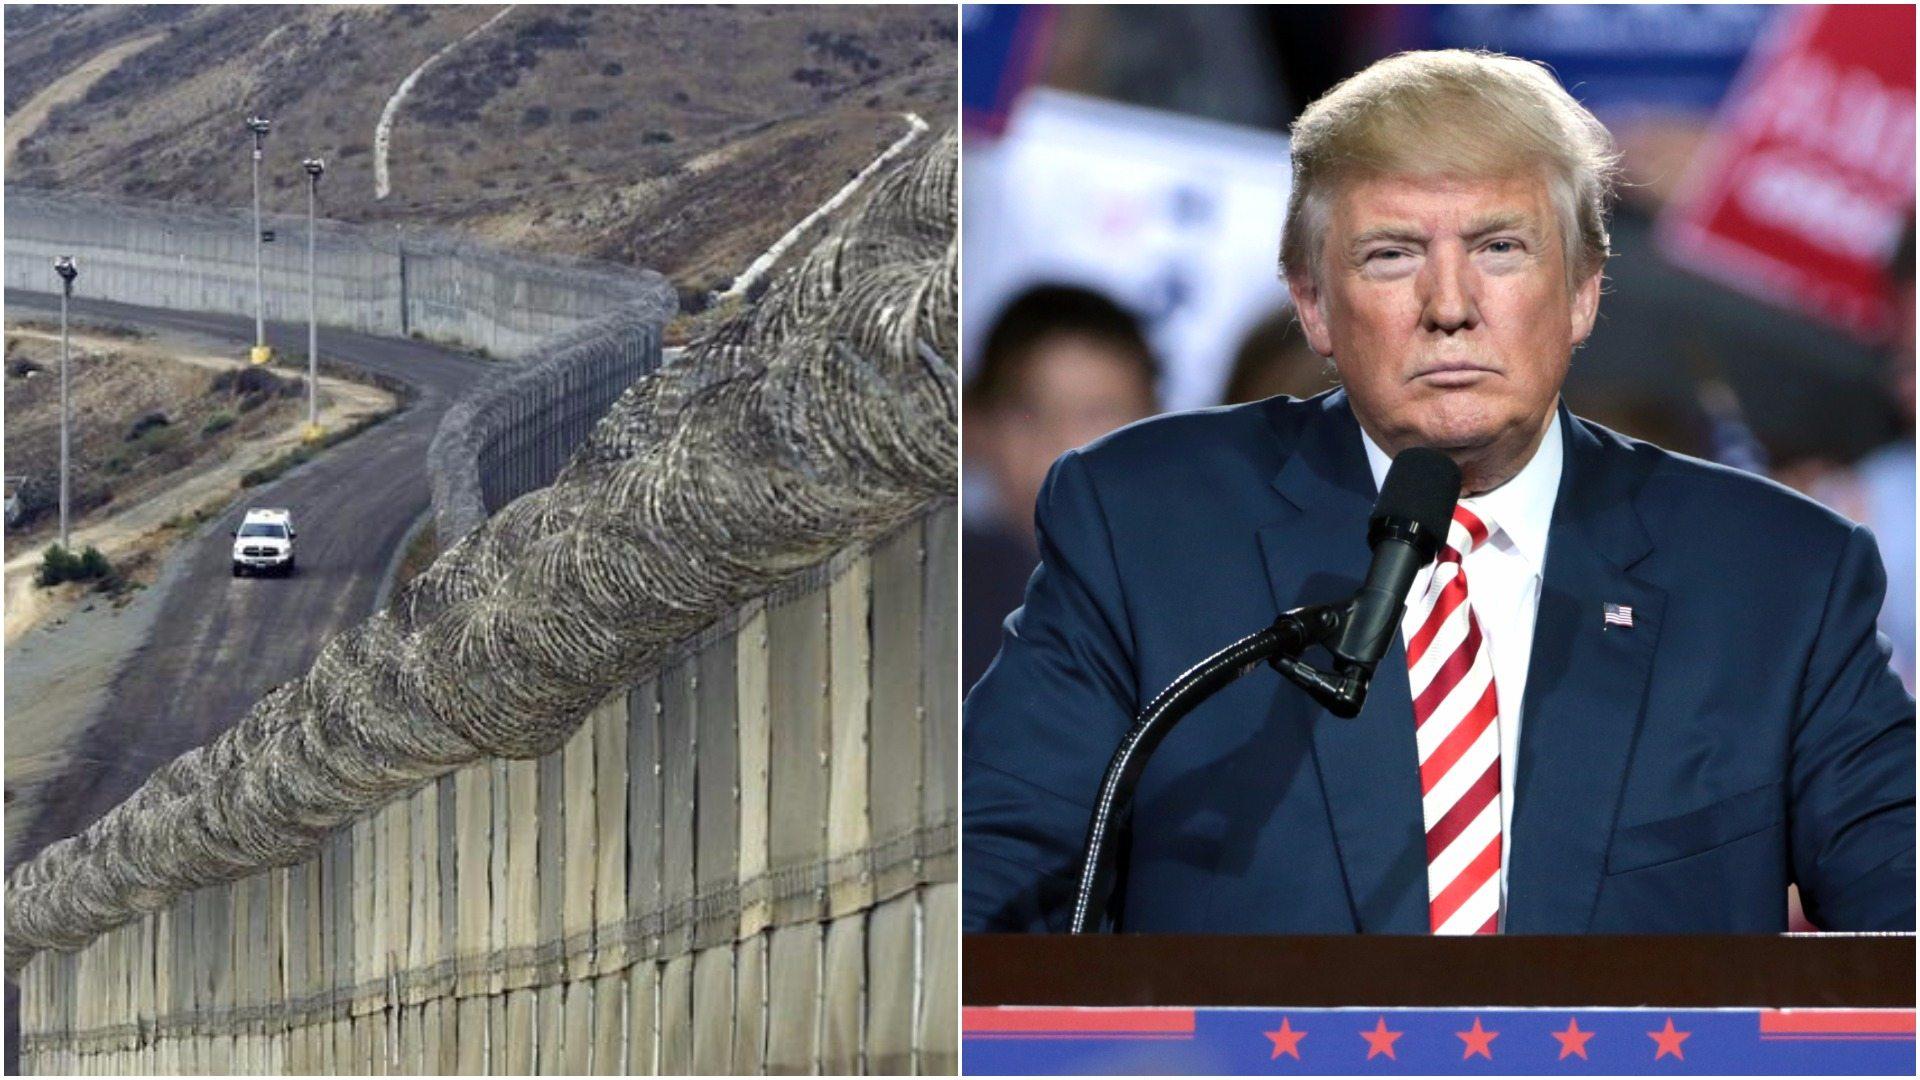 Jest ostateczna, nieodwracalna decyzja ws. muru z Meksykiem!